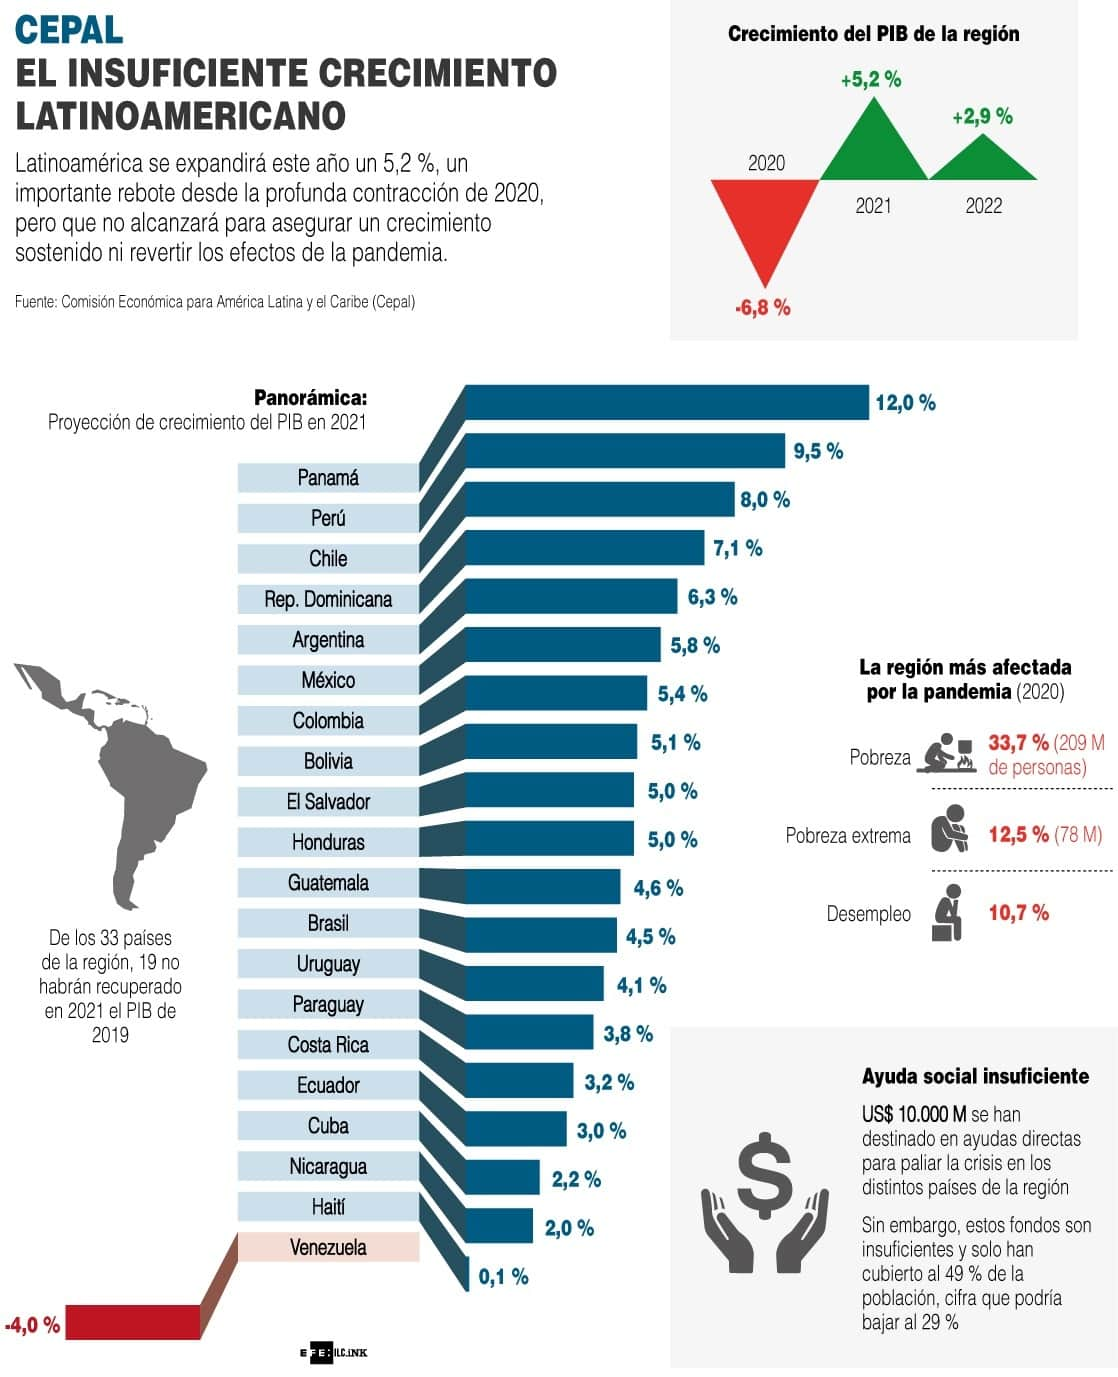 [Infografía] El insuficiente crecimiento latinoamericano 1